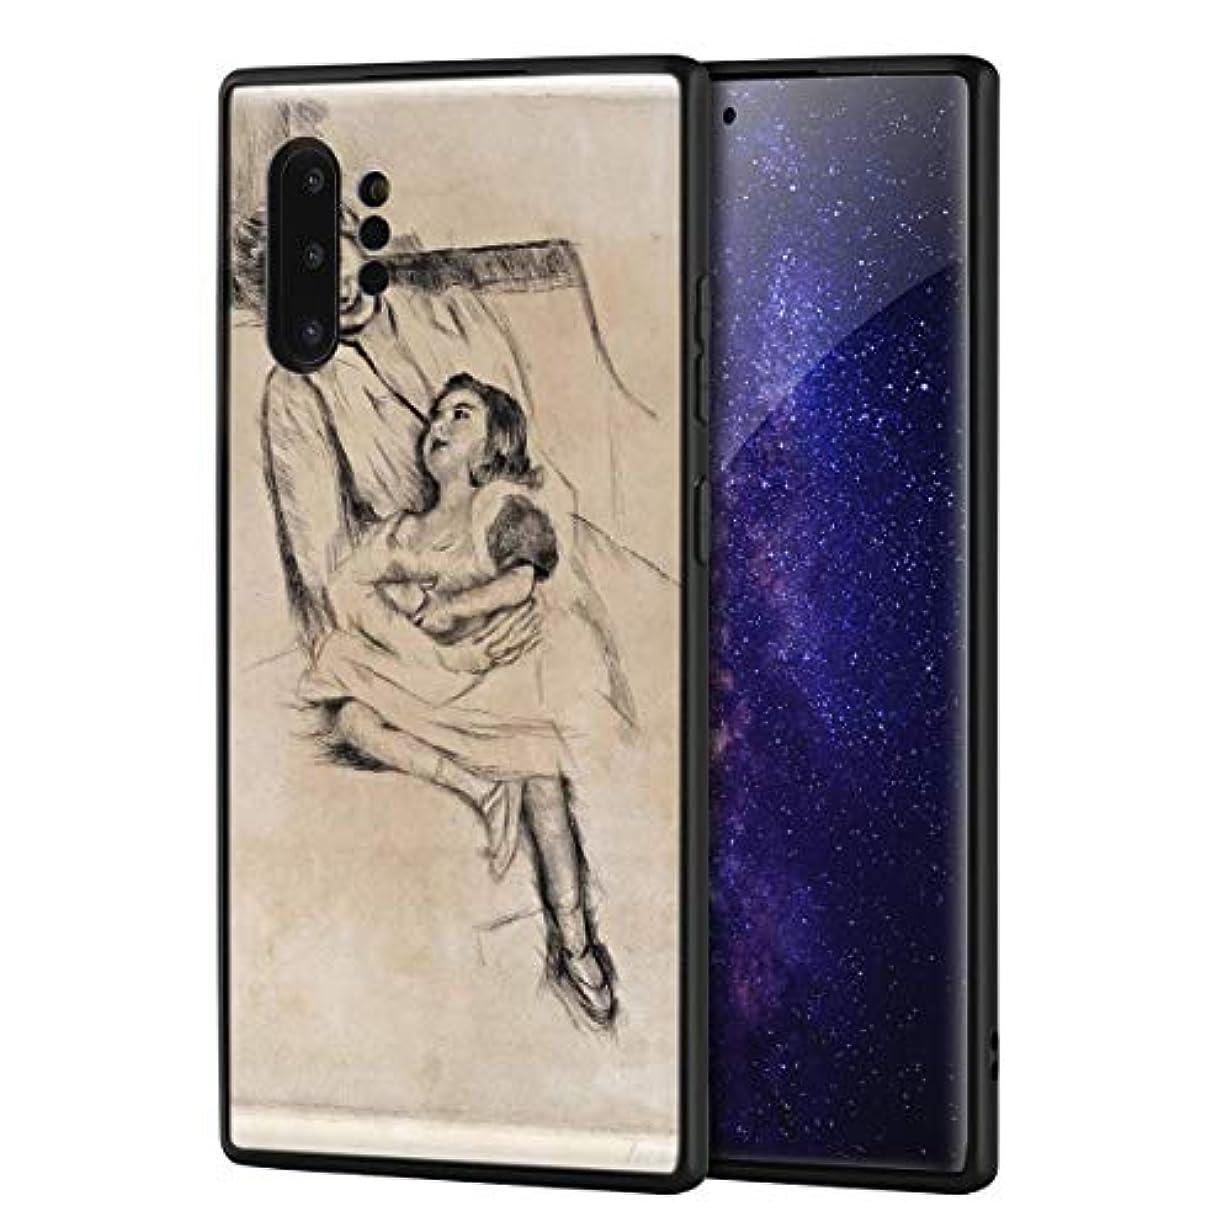 解釈する州処理Mary Cassatt Samsung Galaxy Note 10 Pro用ケース/ファインアート携帯電話ケース/高解像度ジクレーレベルUV複製プリント、携帯電話カバー(Reine そして マーゴット Seated On A Sofa)